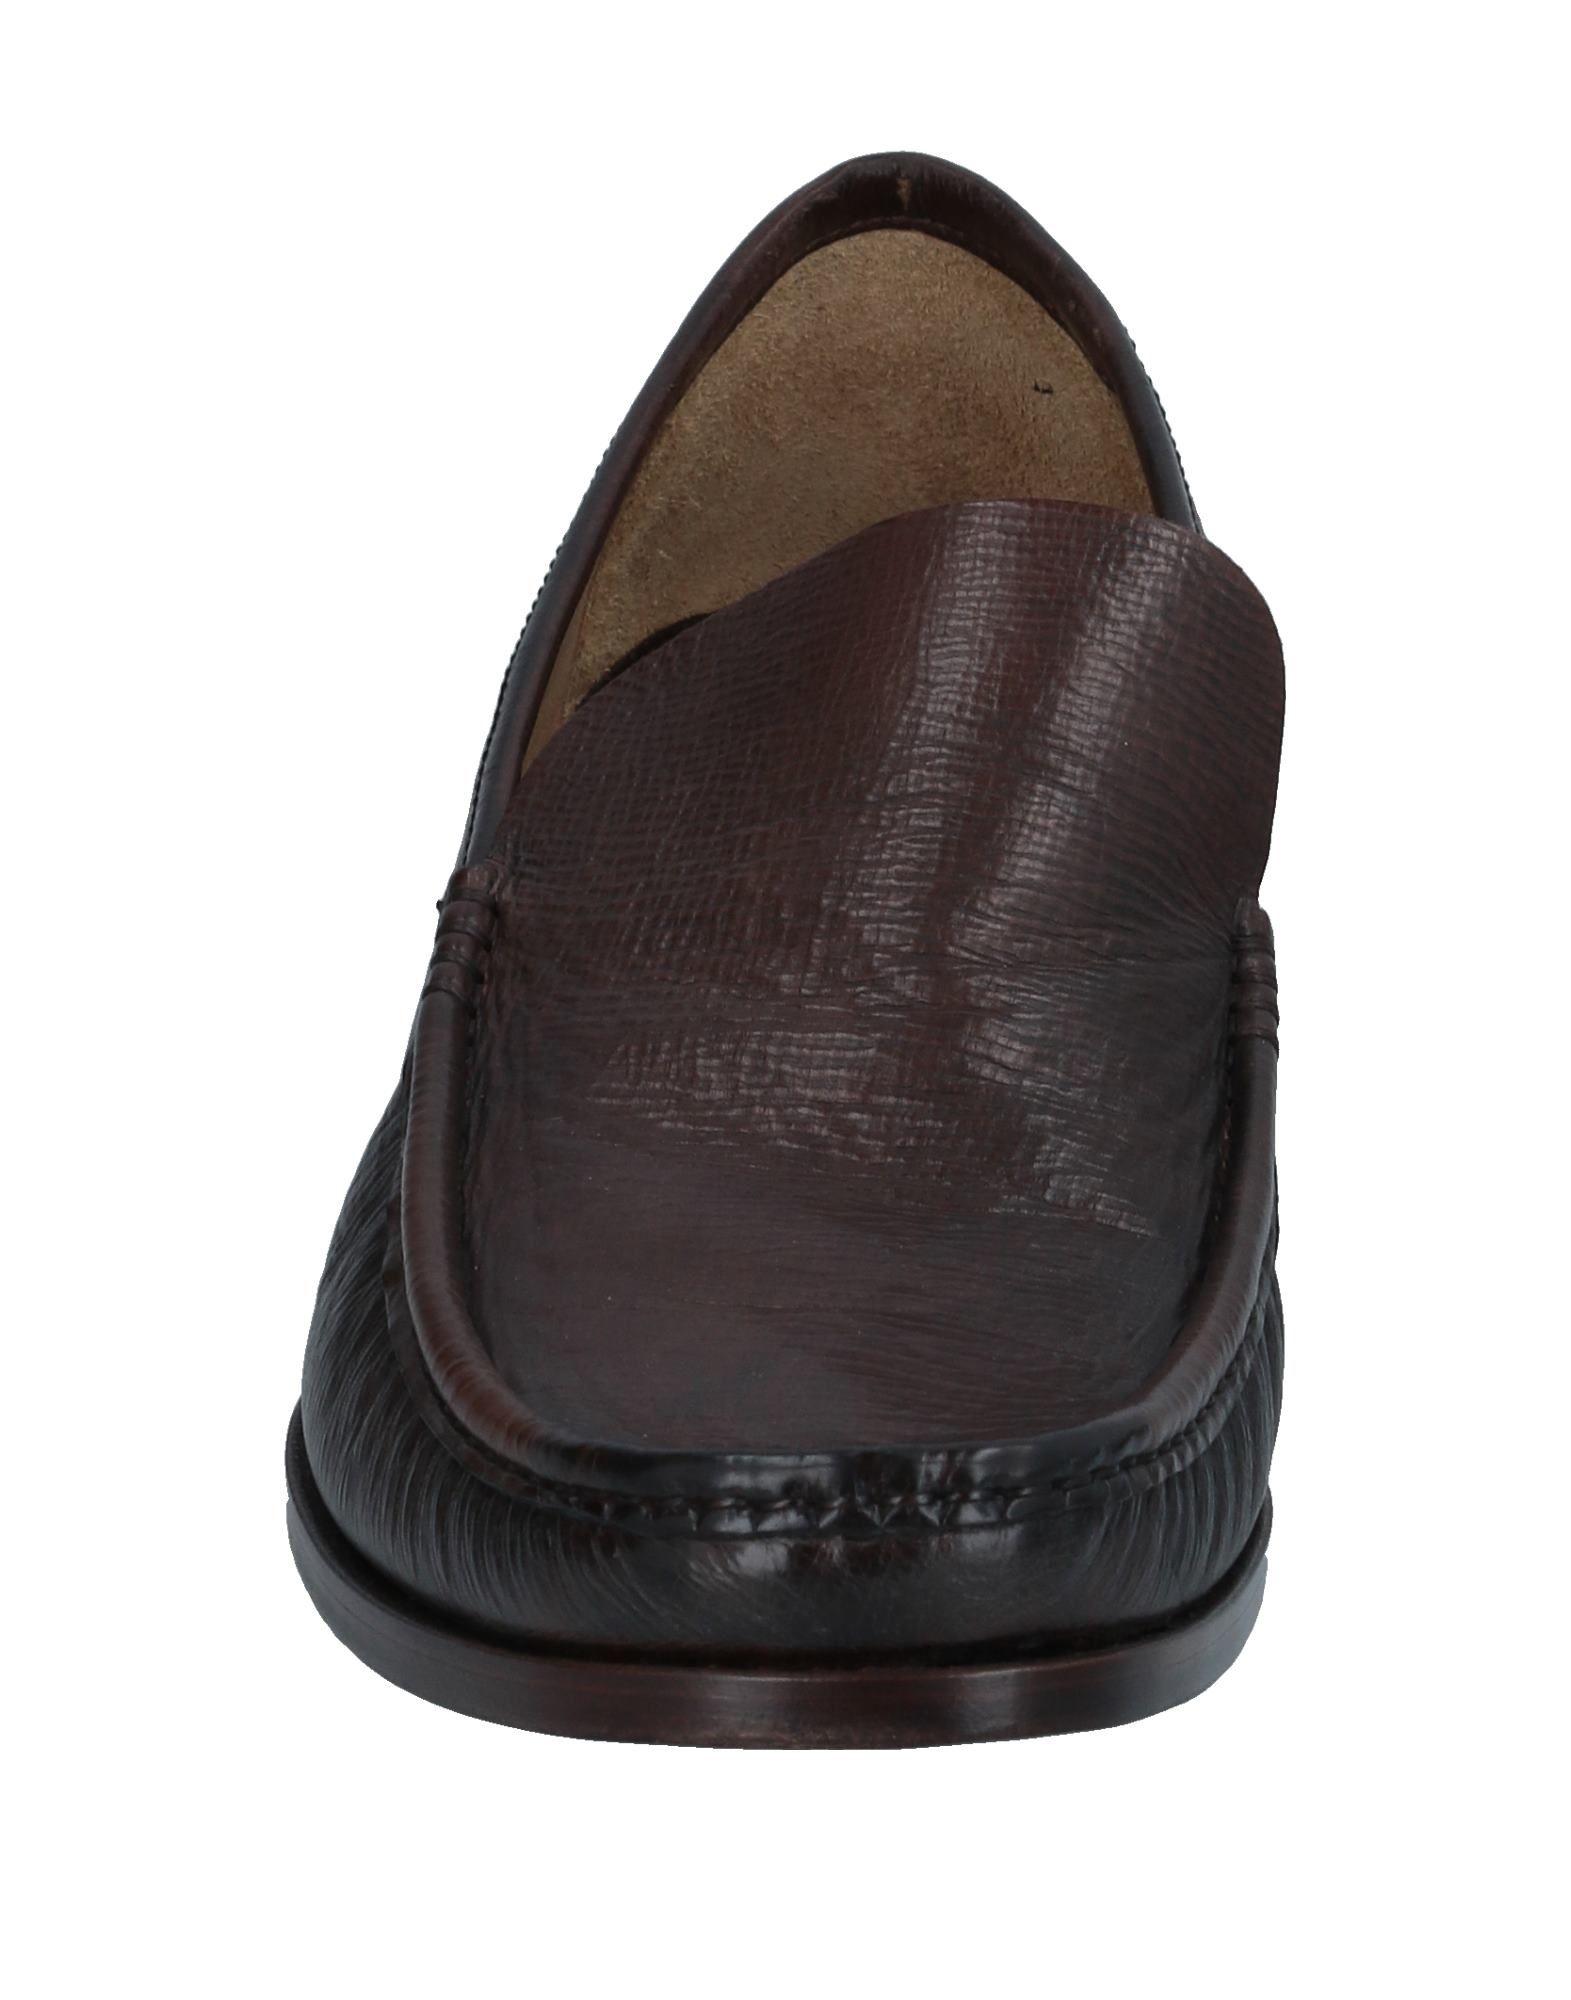 Rabatt Herren echte Schuhe Arfango Mokassins Herren Rabatt  11524981TI 8e1aad